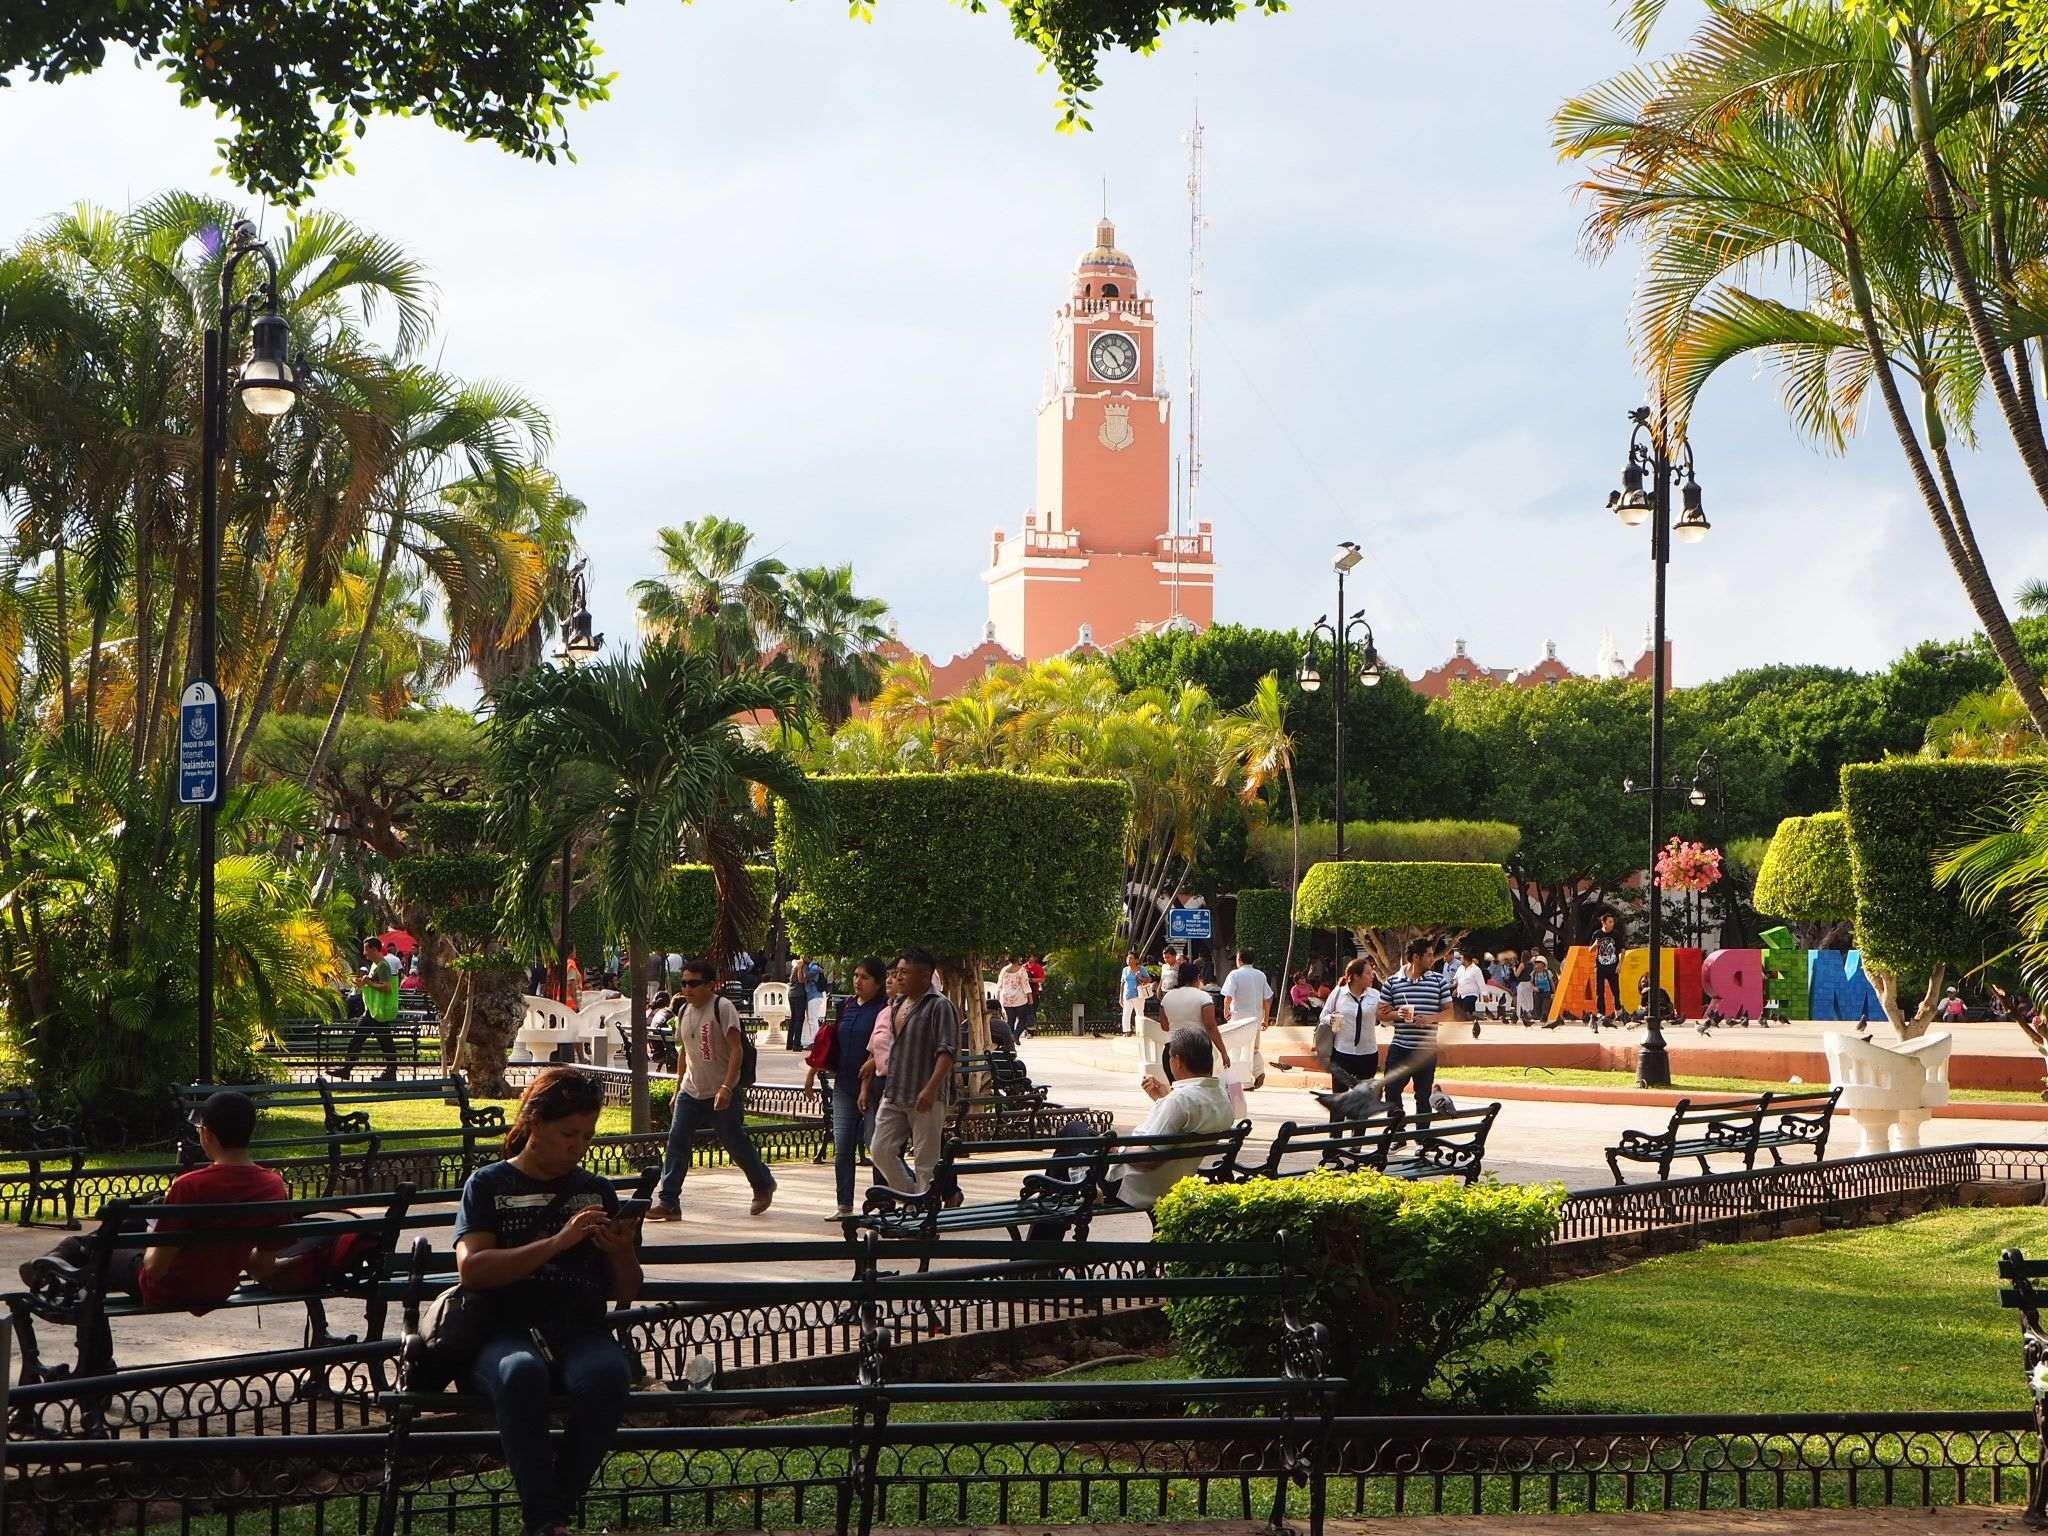 Merida main square